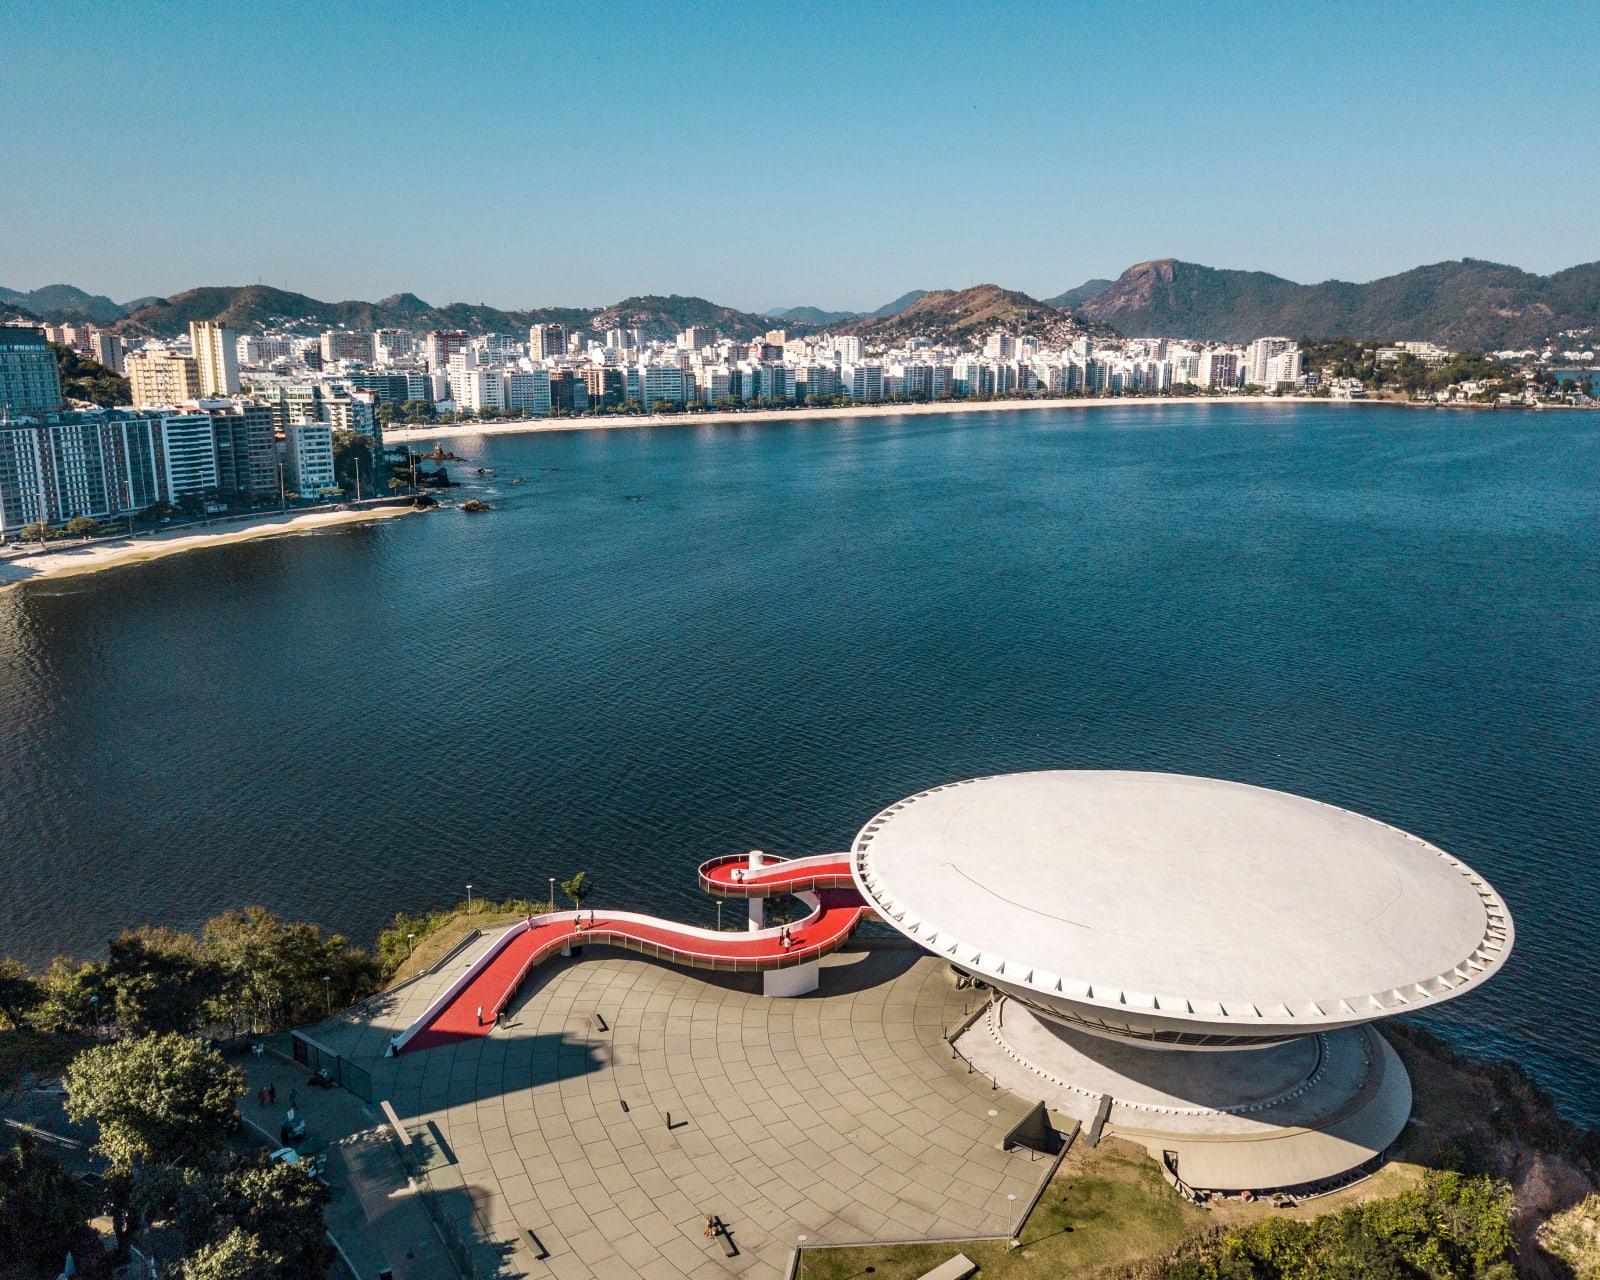 Rio de Janeiro - Niterói Contemporary Art Museum / Oscar Niemeyer